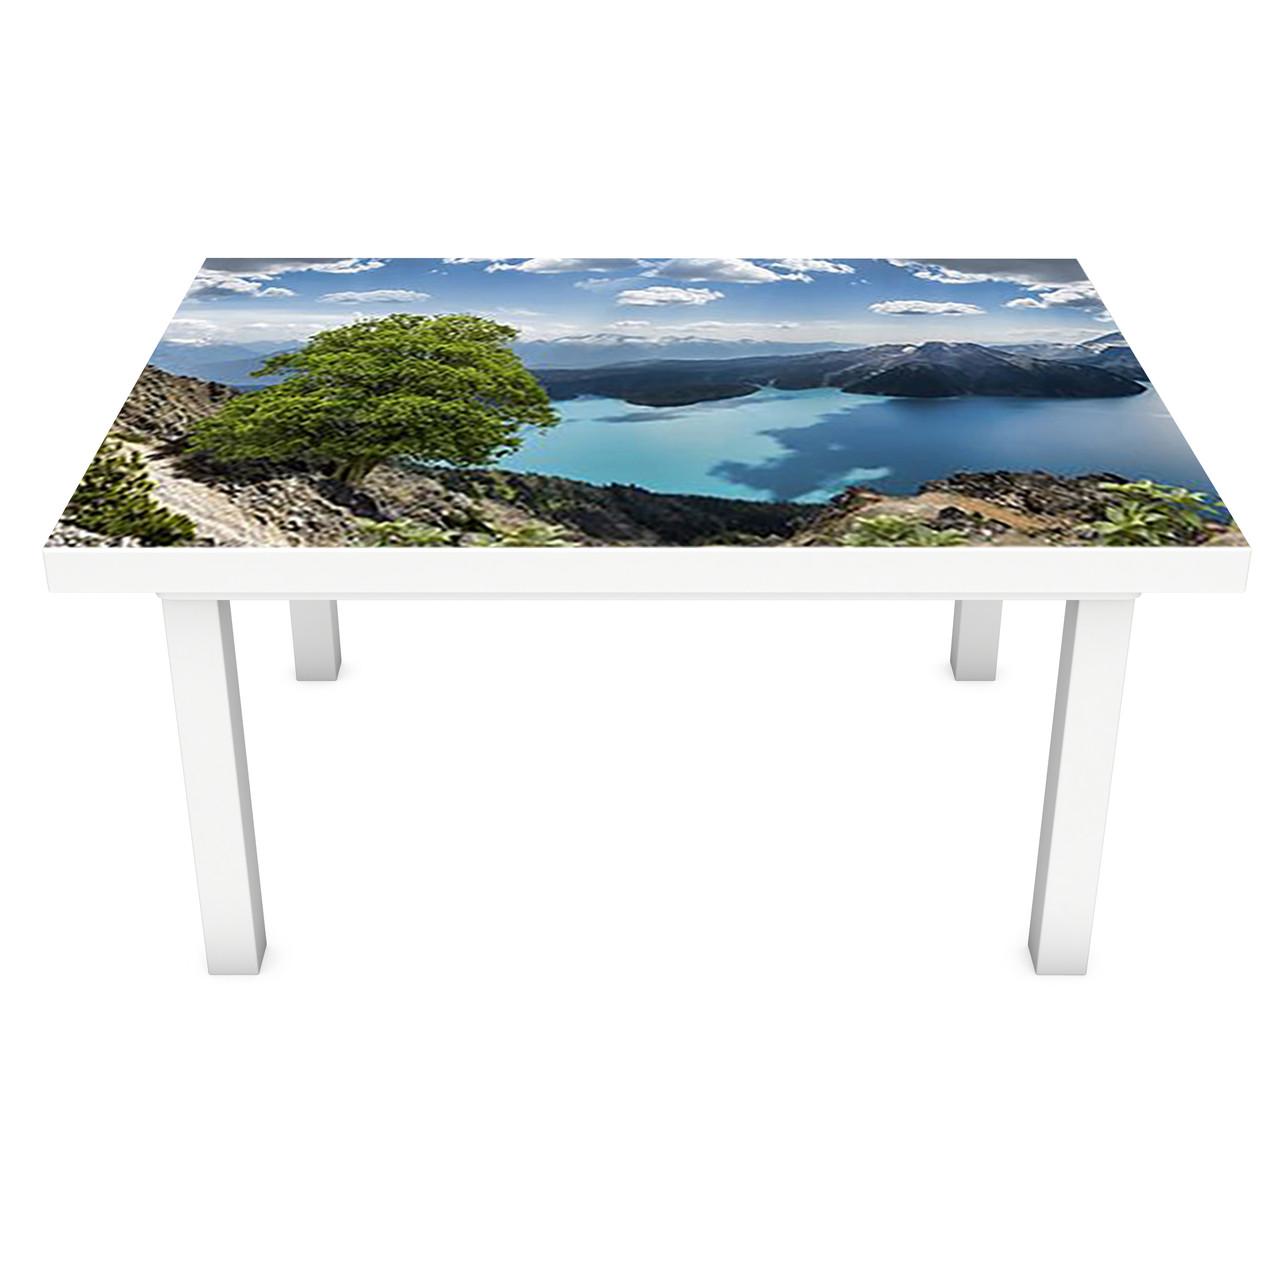 Наклейка на стол Высокогорное Озеро (3Д виниловая пленка ПВХ) горы вода Синий 600*1200 мм